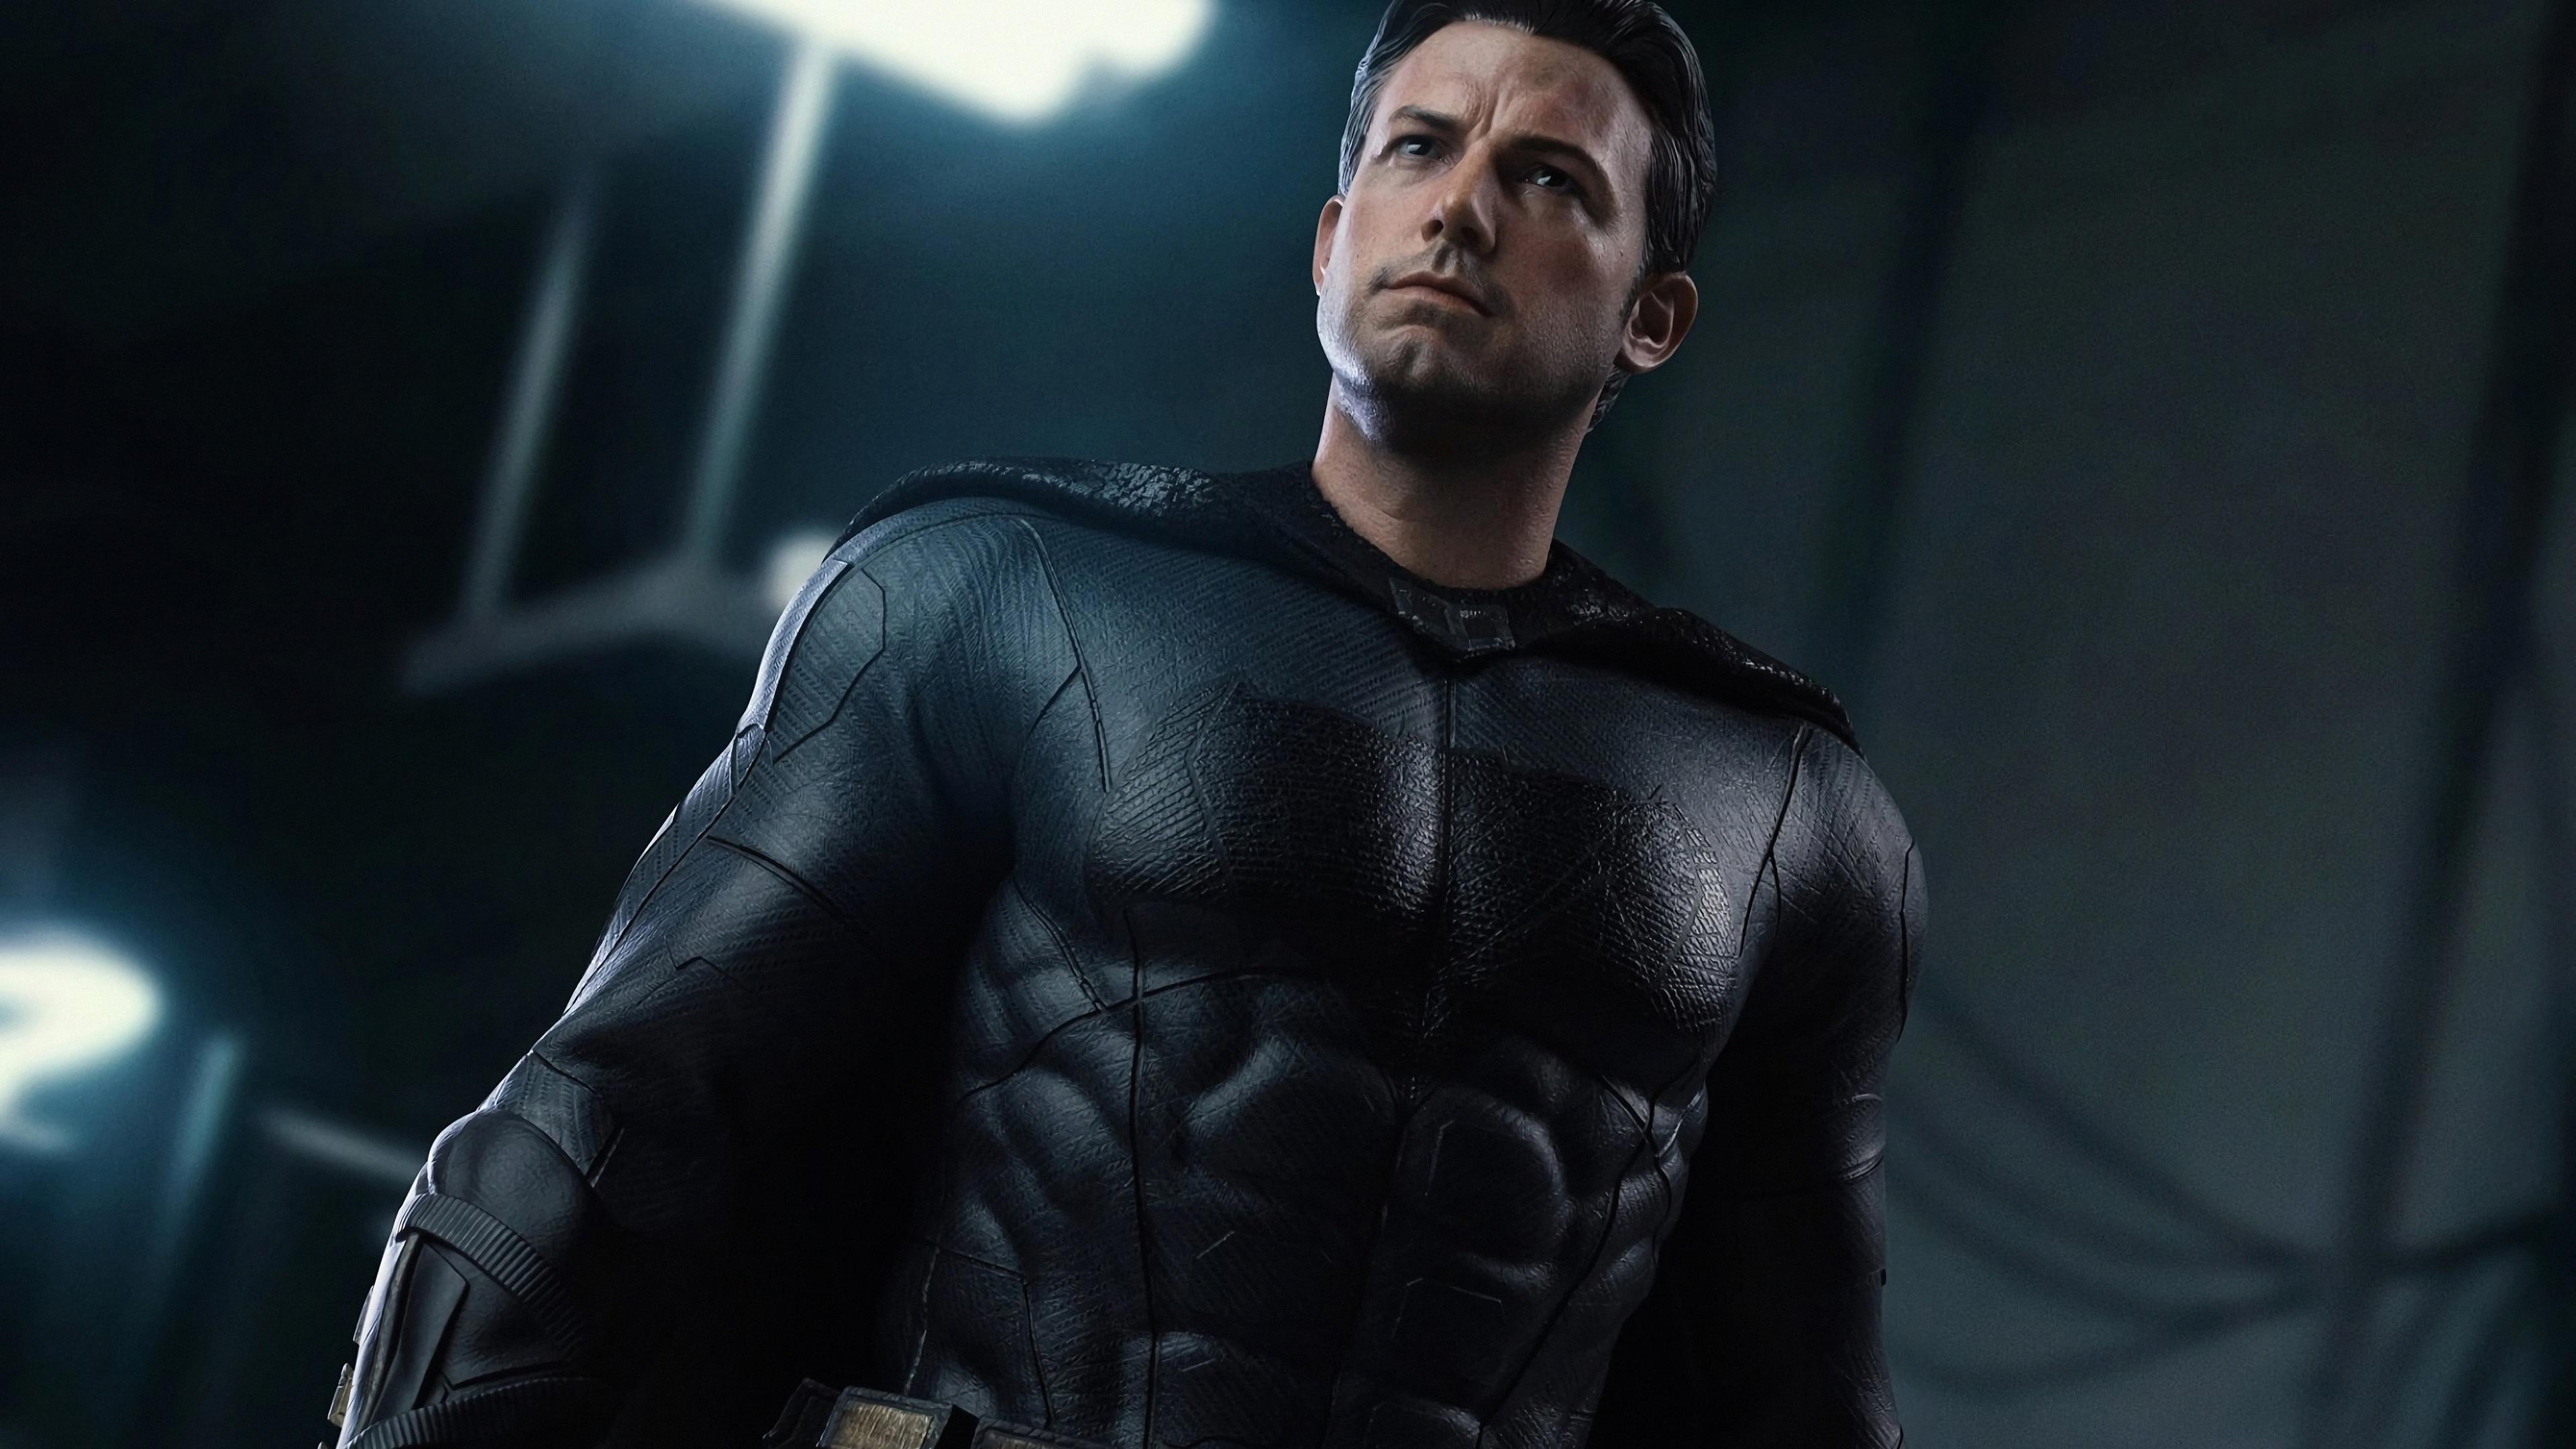 ben affleck batman 1569186380 - Ben Affleck Batman - superheroes wallpapers, hd-wallpapers, digital art wallpapers, batman wallpapers, artwork wallpapers, 4k-wallpapers